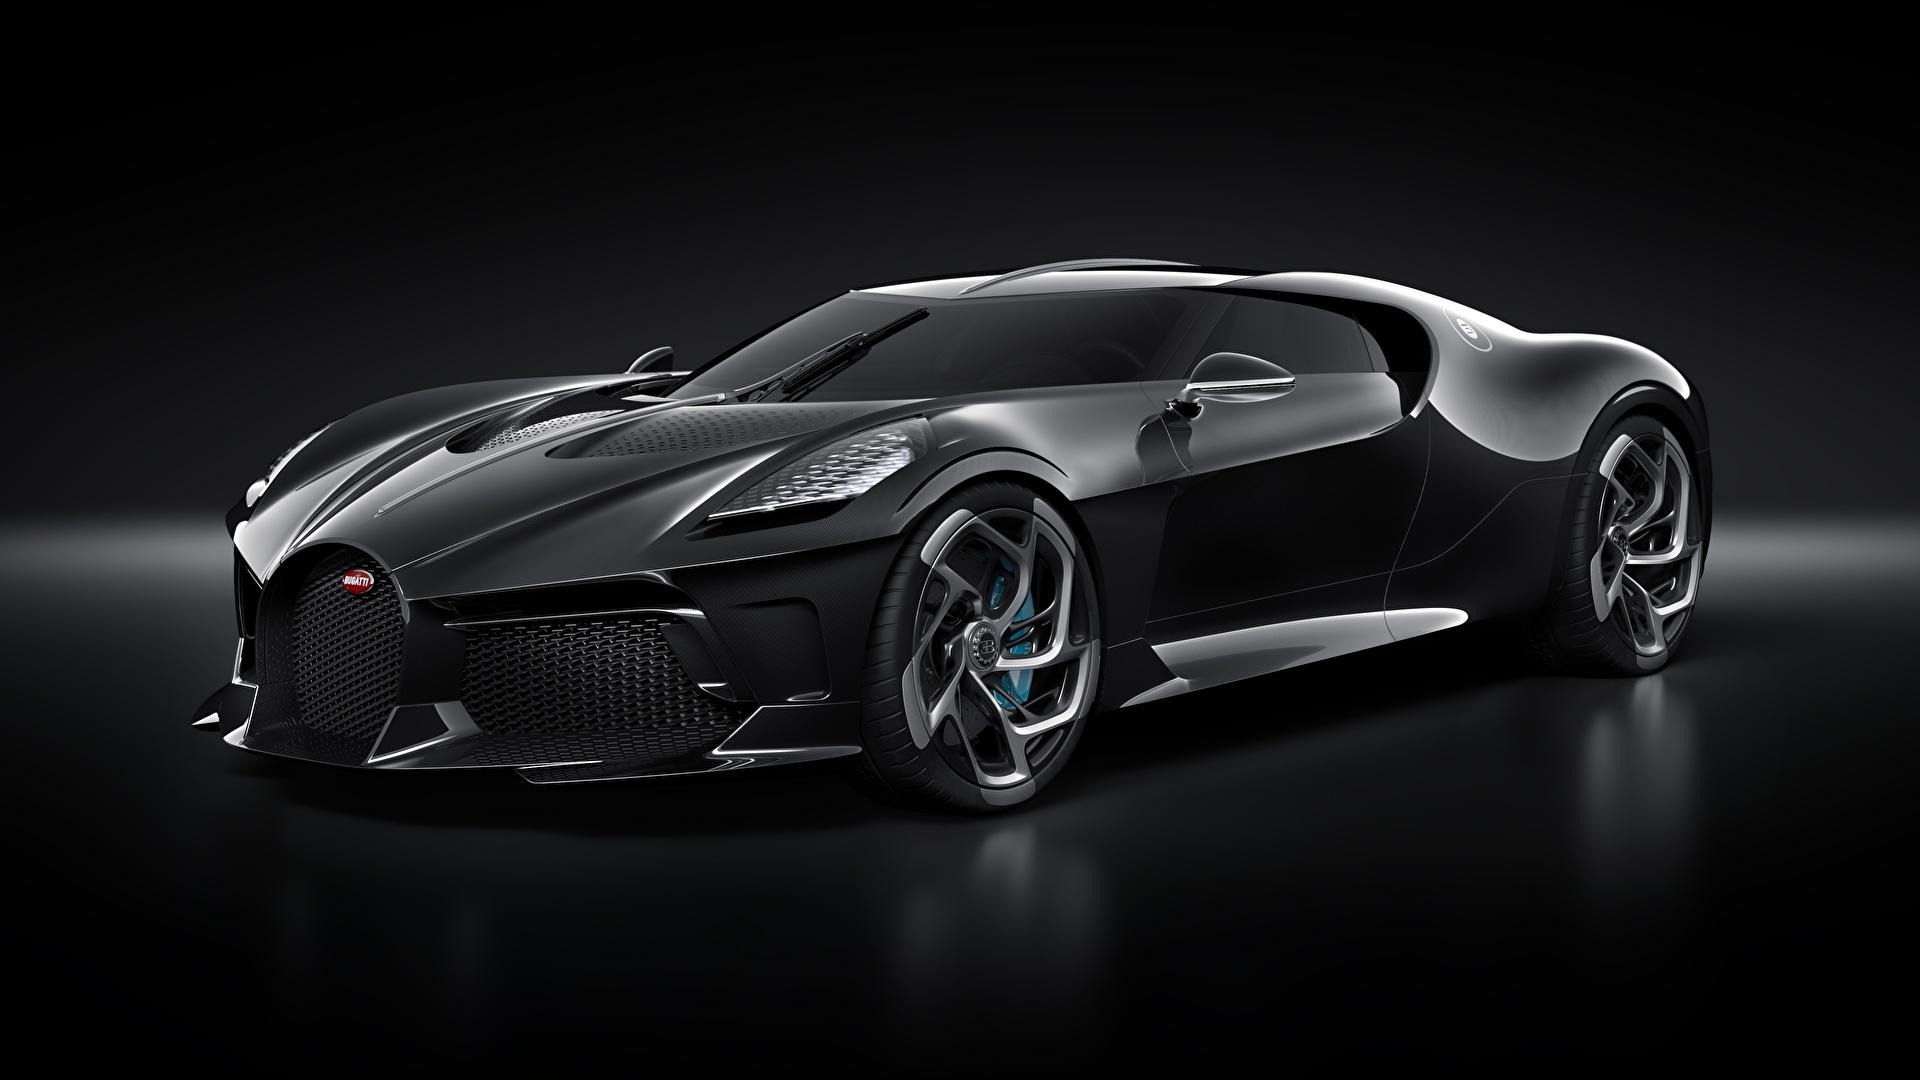 Fondos De Pantalla 1920x1080 Bugatti La Voiture Noire Negro